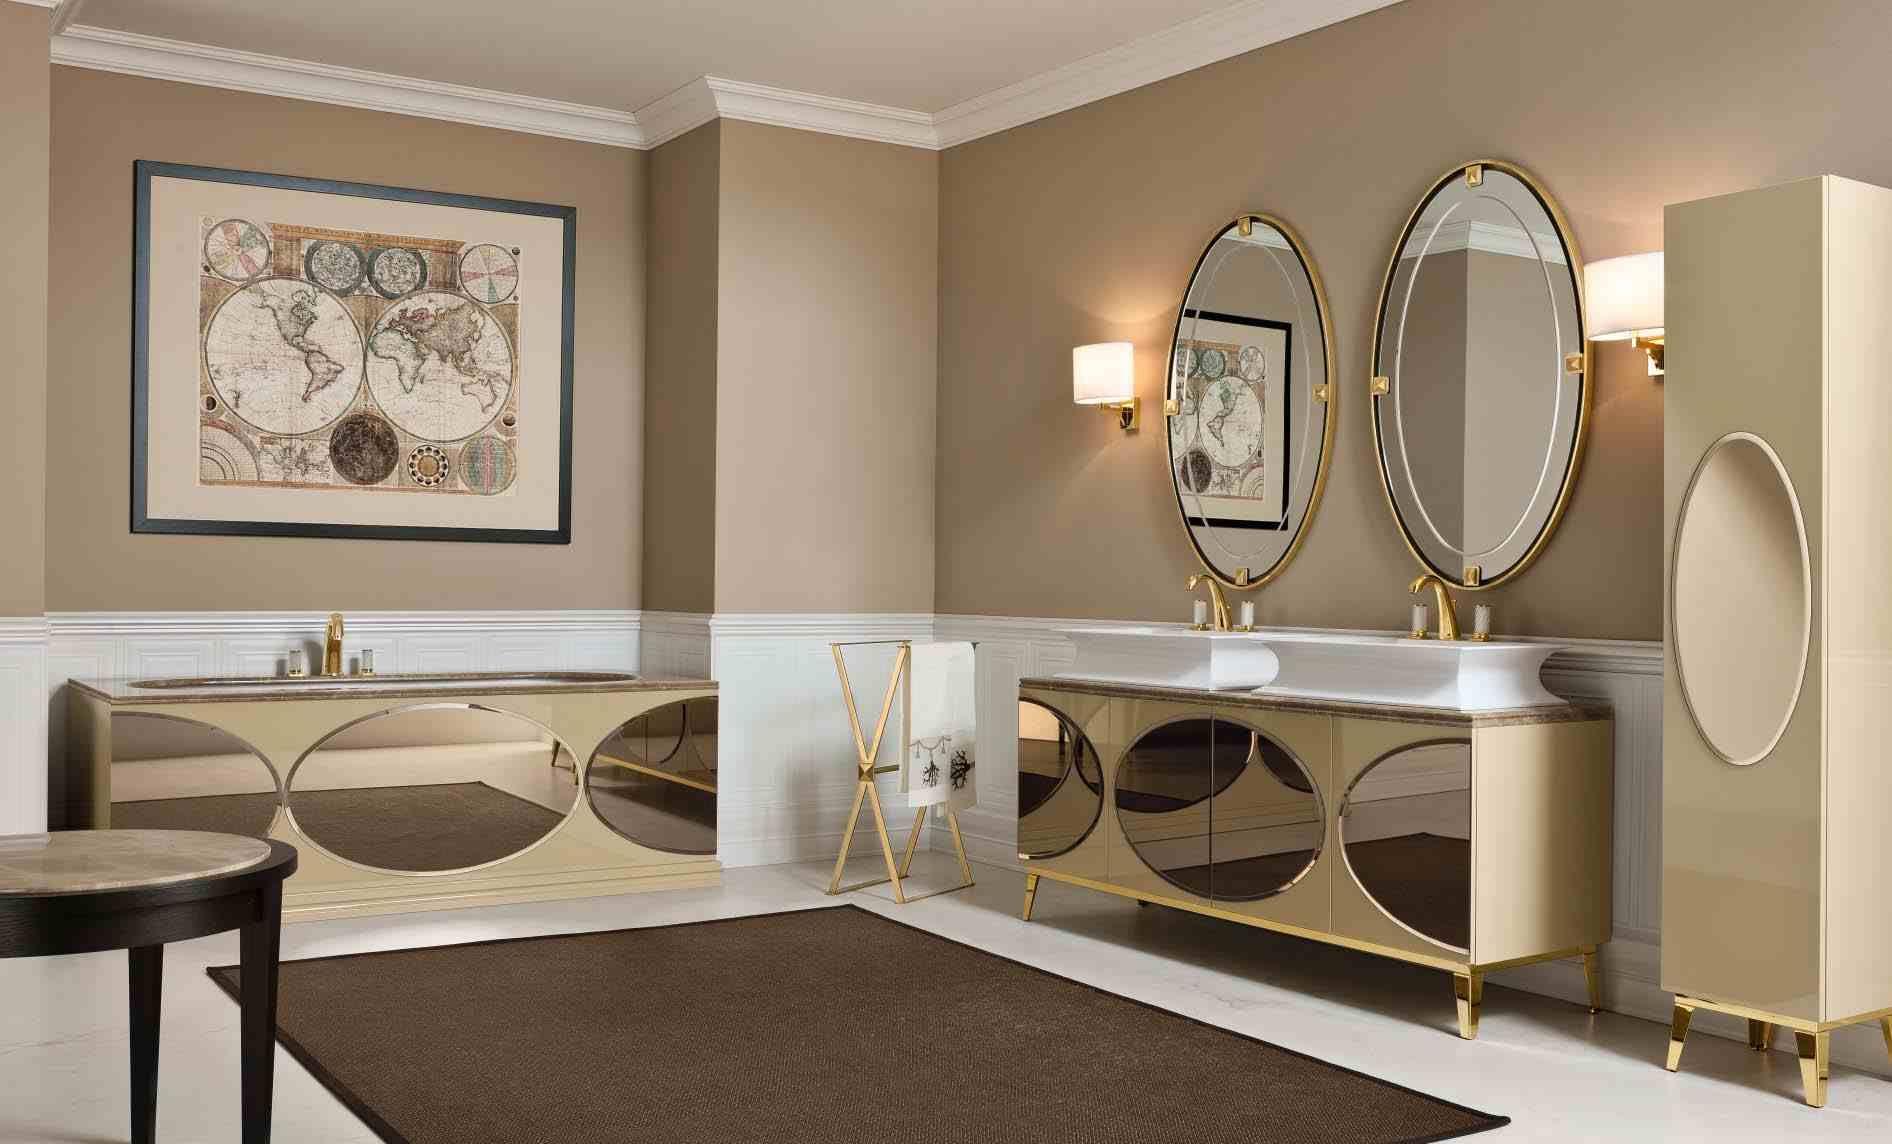 Miroir Connecté Leroy Merlin Miroir Salle De Bains Leroy